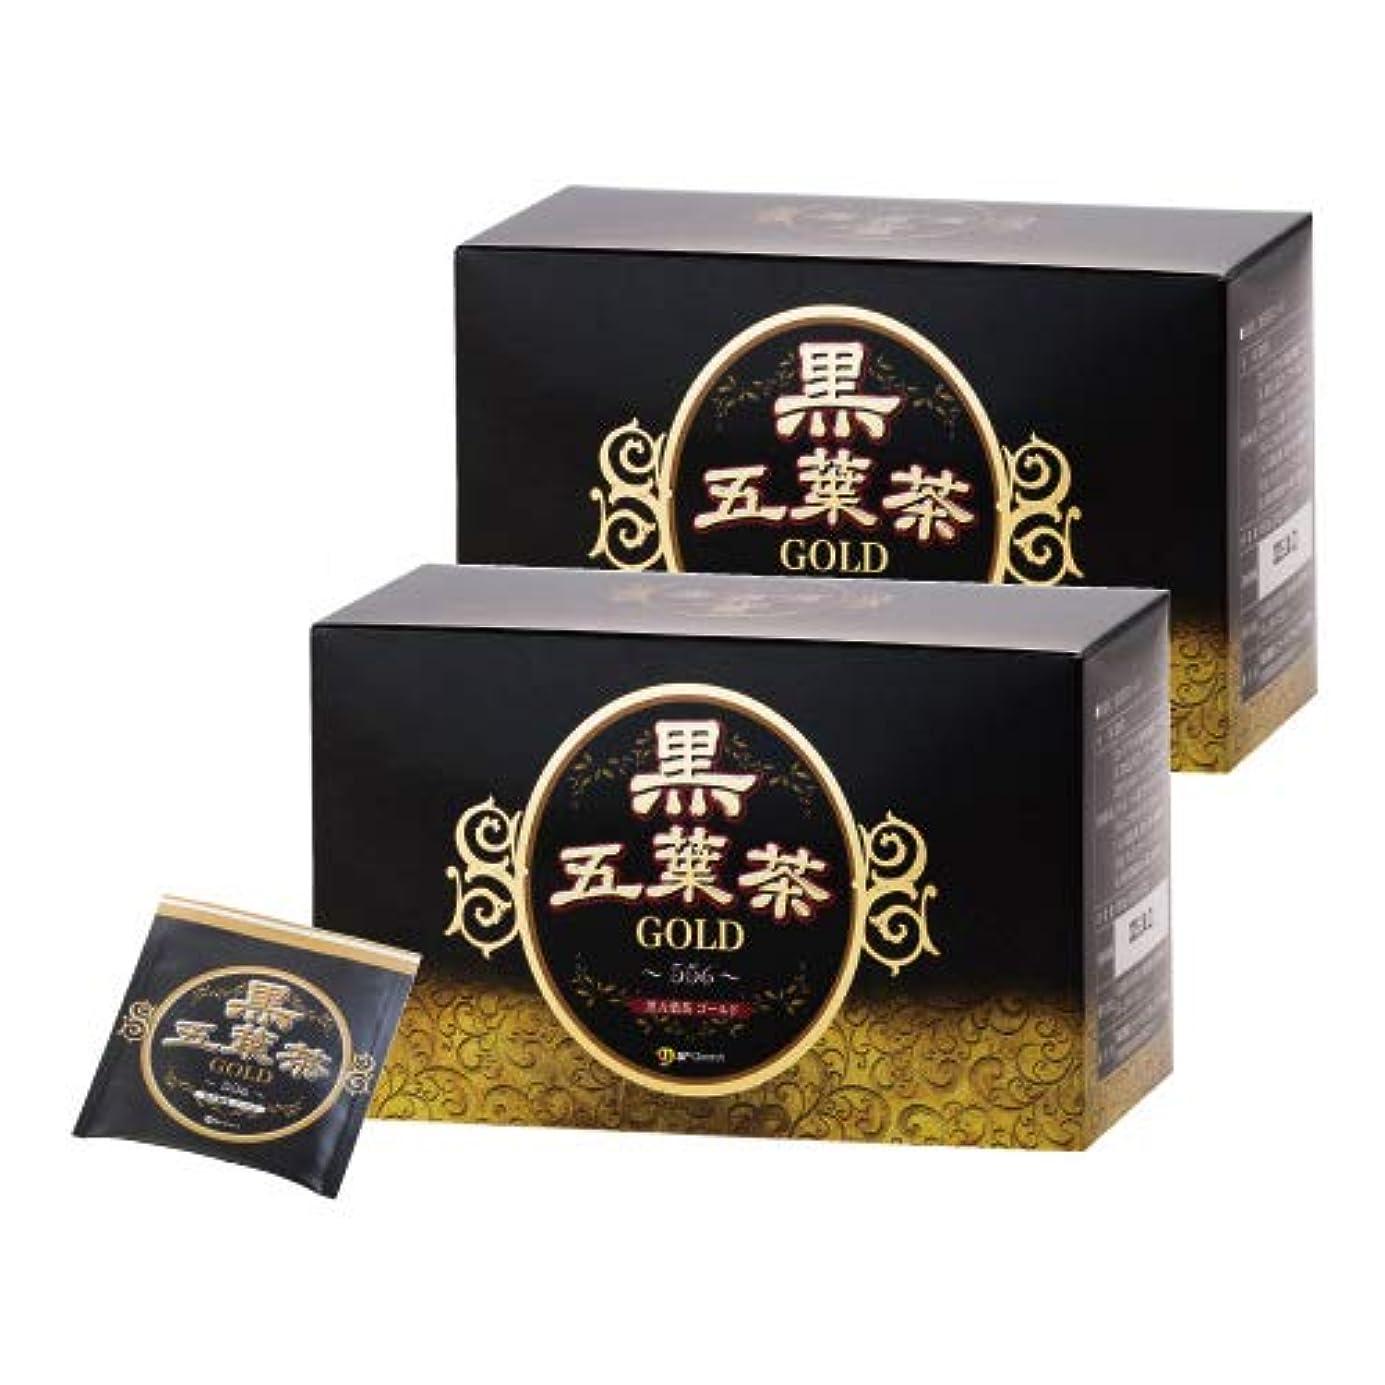 メールを書く劇的脱獄黒五葉茶ゴールド 30包 2箱セット ダイエット ダイエット茶 ダイエットティー ハーブティー 難消化性デキストリン